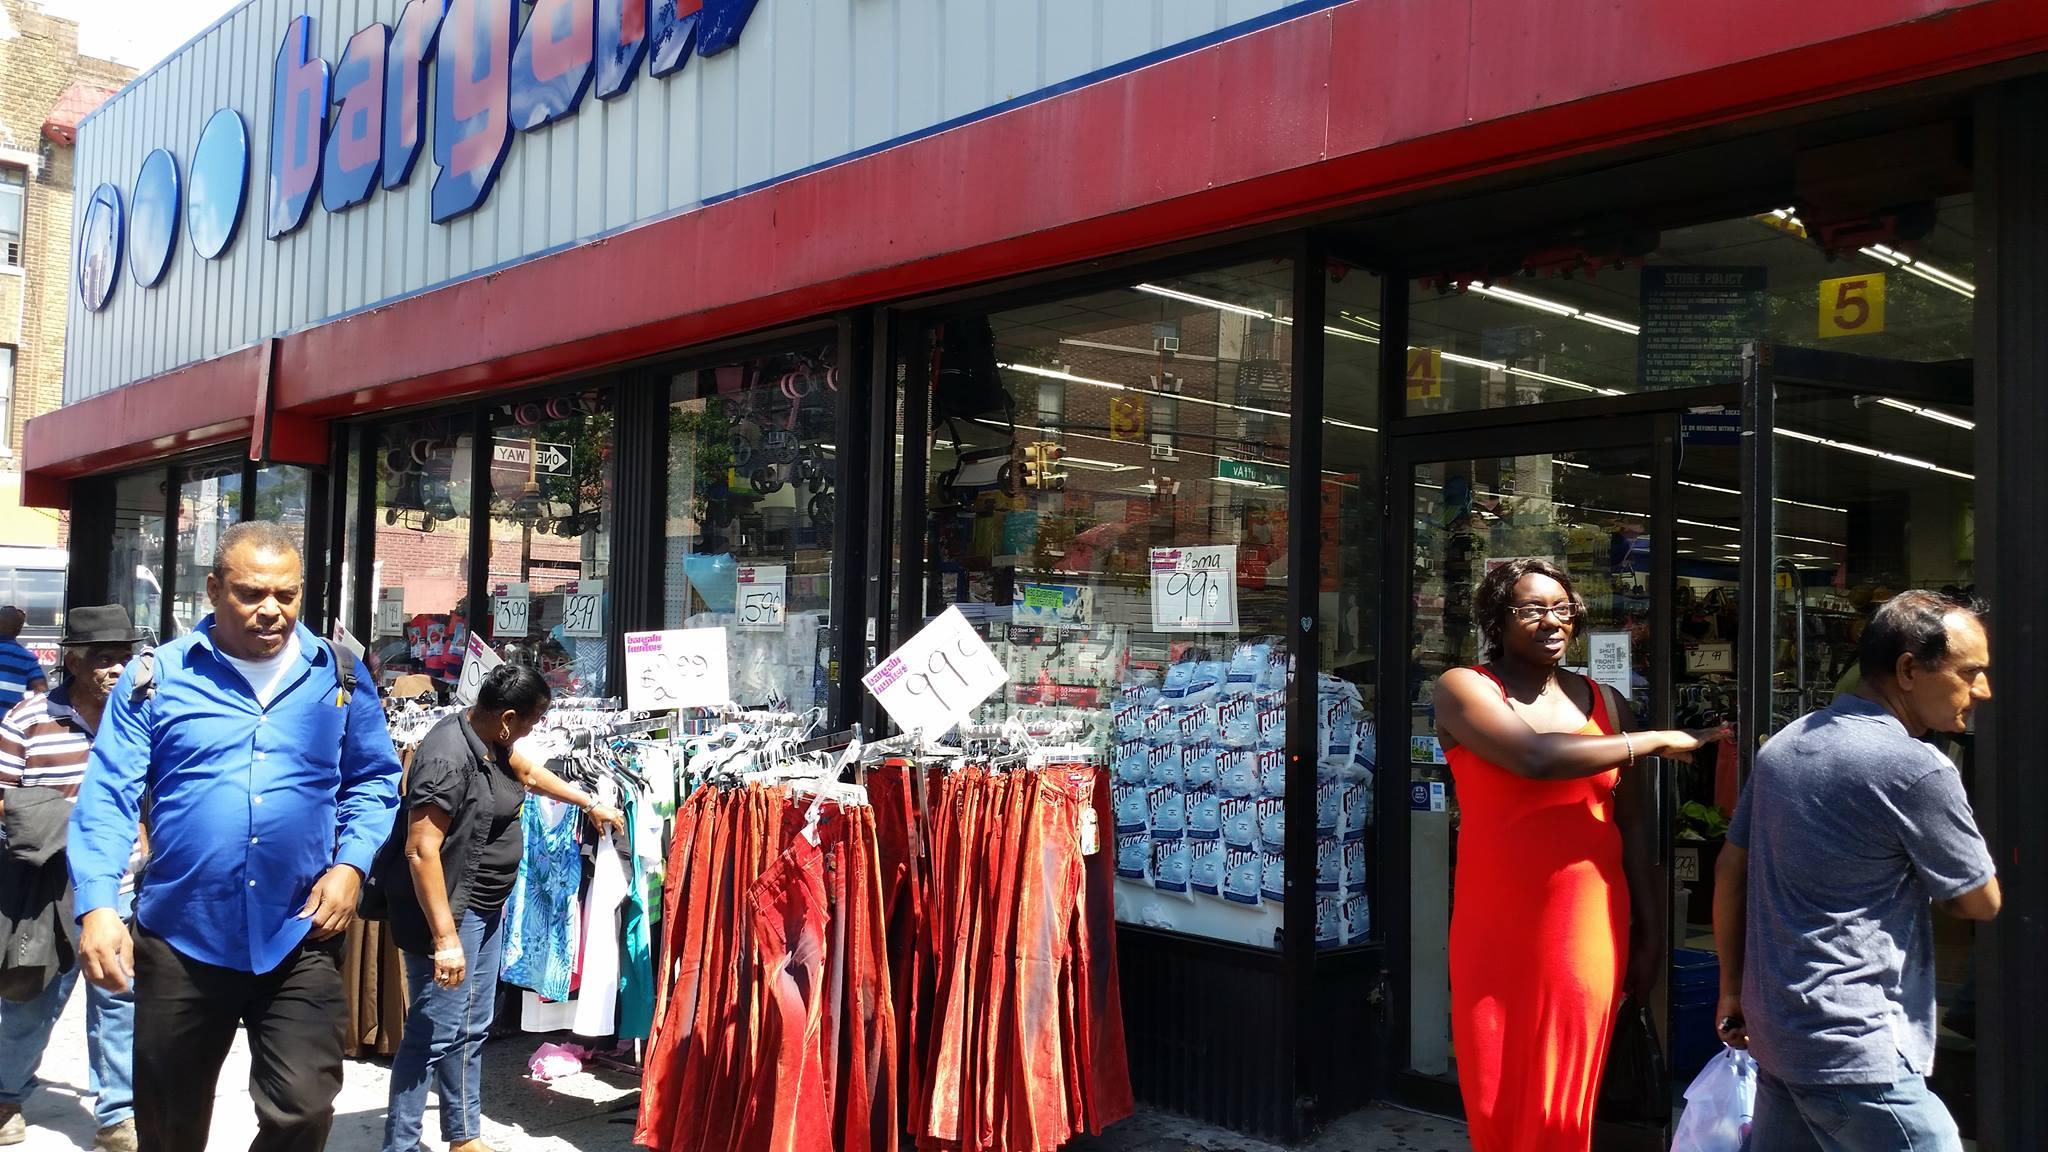 Flatbush Avenue BID Sidewalk Sales CANCELLED